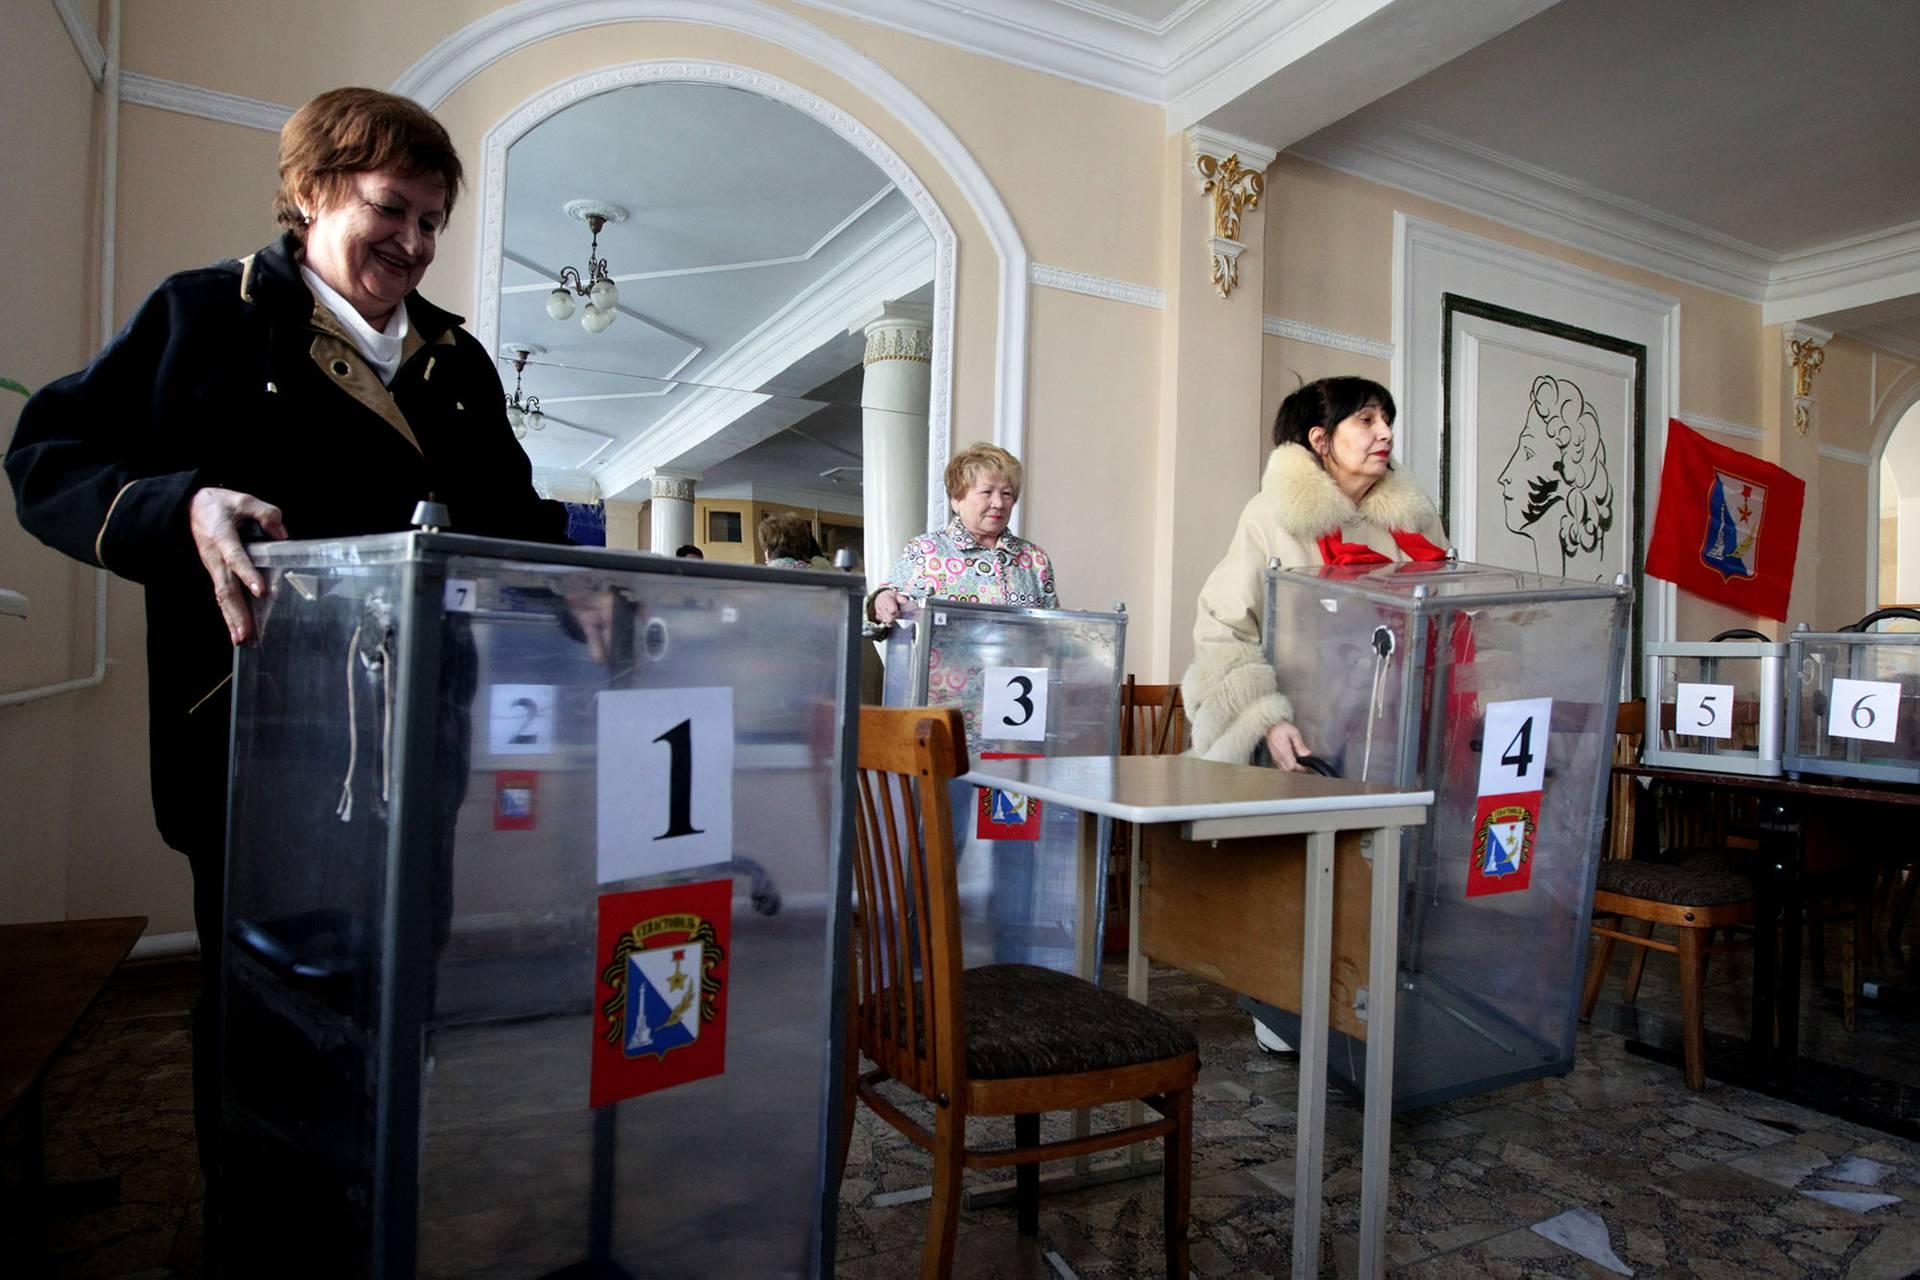 Члени так званої «виборчої комісії» готують дільницю у Севастополі до «штучного референдуму», Крим, 15 березня 2014 року